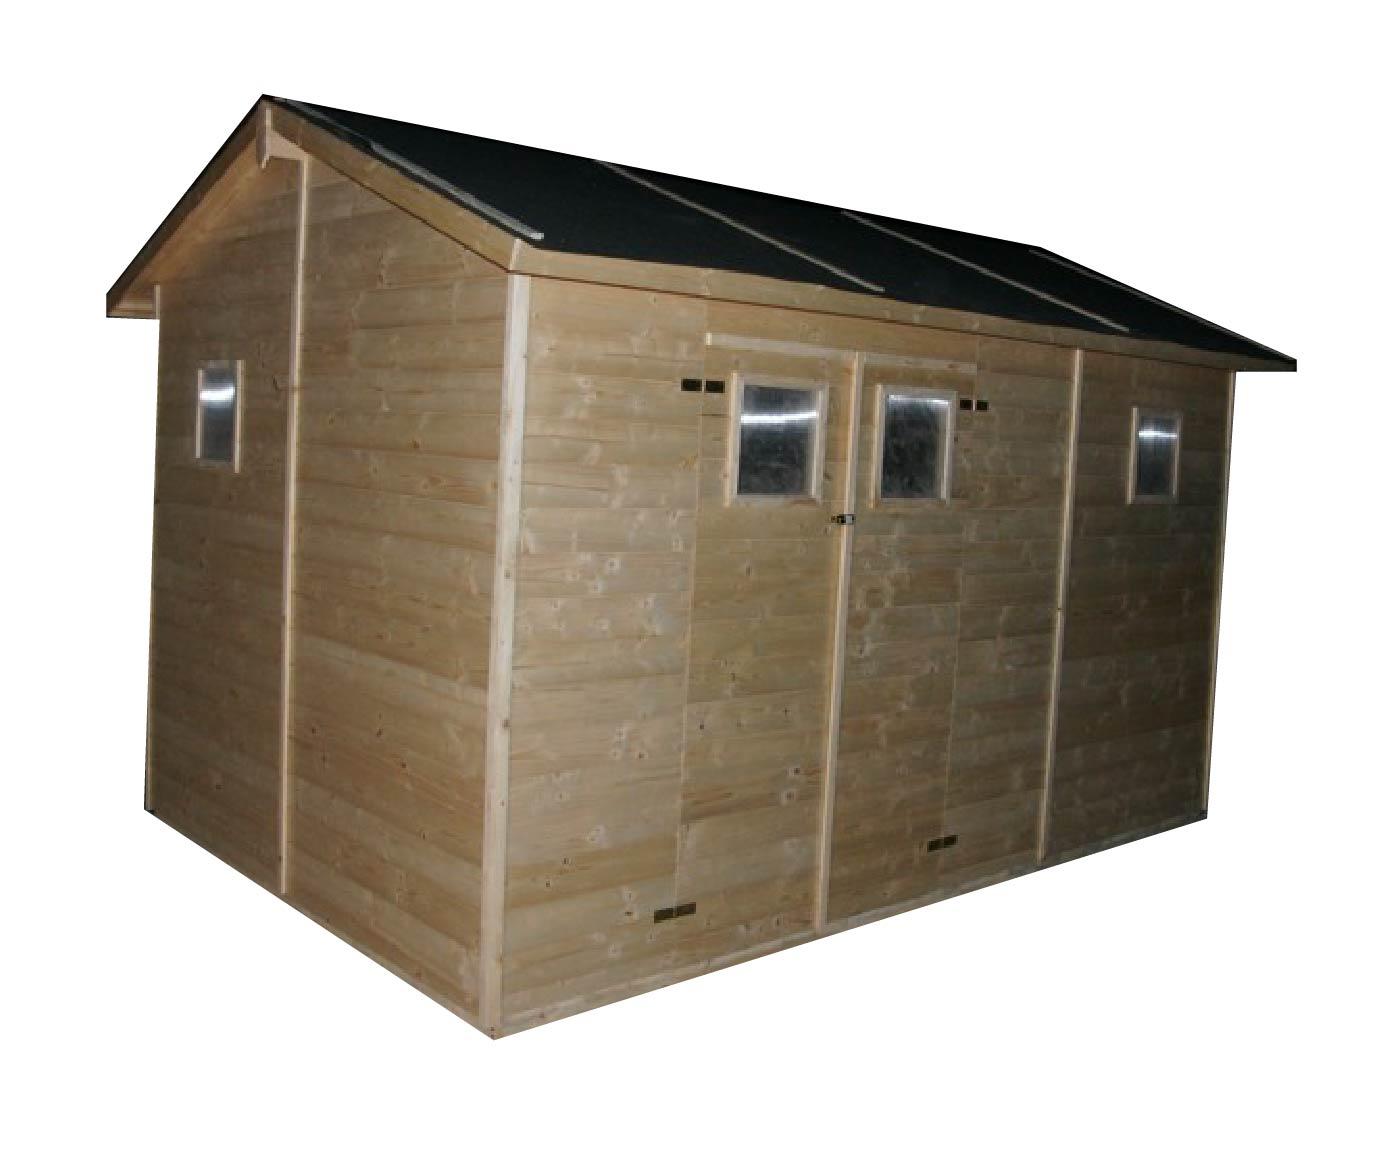 gartenh user bis 12 m2 gartenhaus aus holz 3 3m x 3 9m 19mm mit fenstern denia ger tehaus. Black Bedroom Furniture Sets. Home Design Ideas